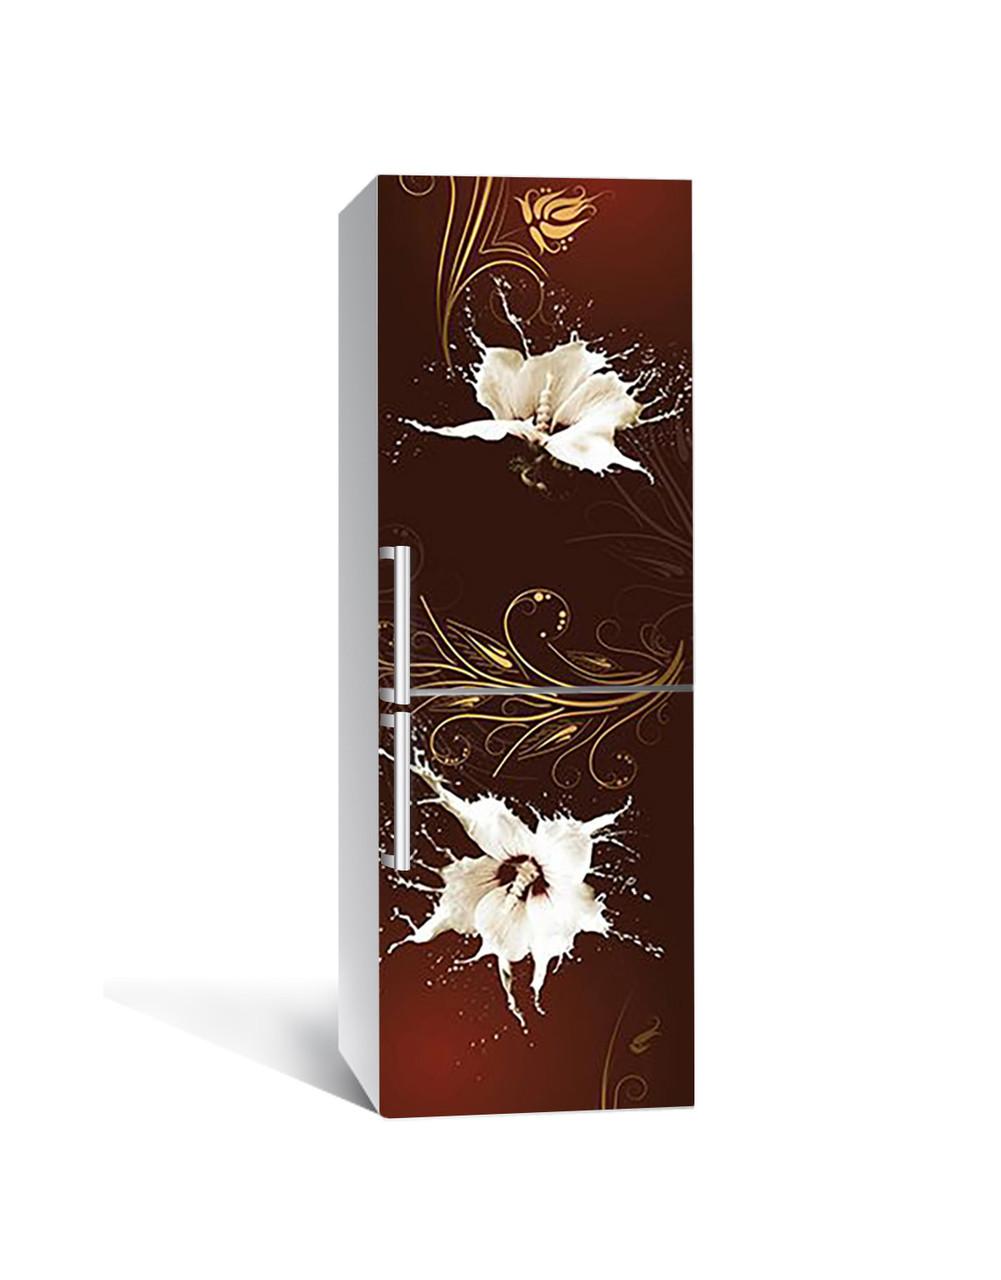 Декор 3Д наклейка на холодильник Белые цветы Брызги (пленка ПВХ фотопечать) 65*200см Абстракция Коричневый